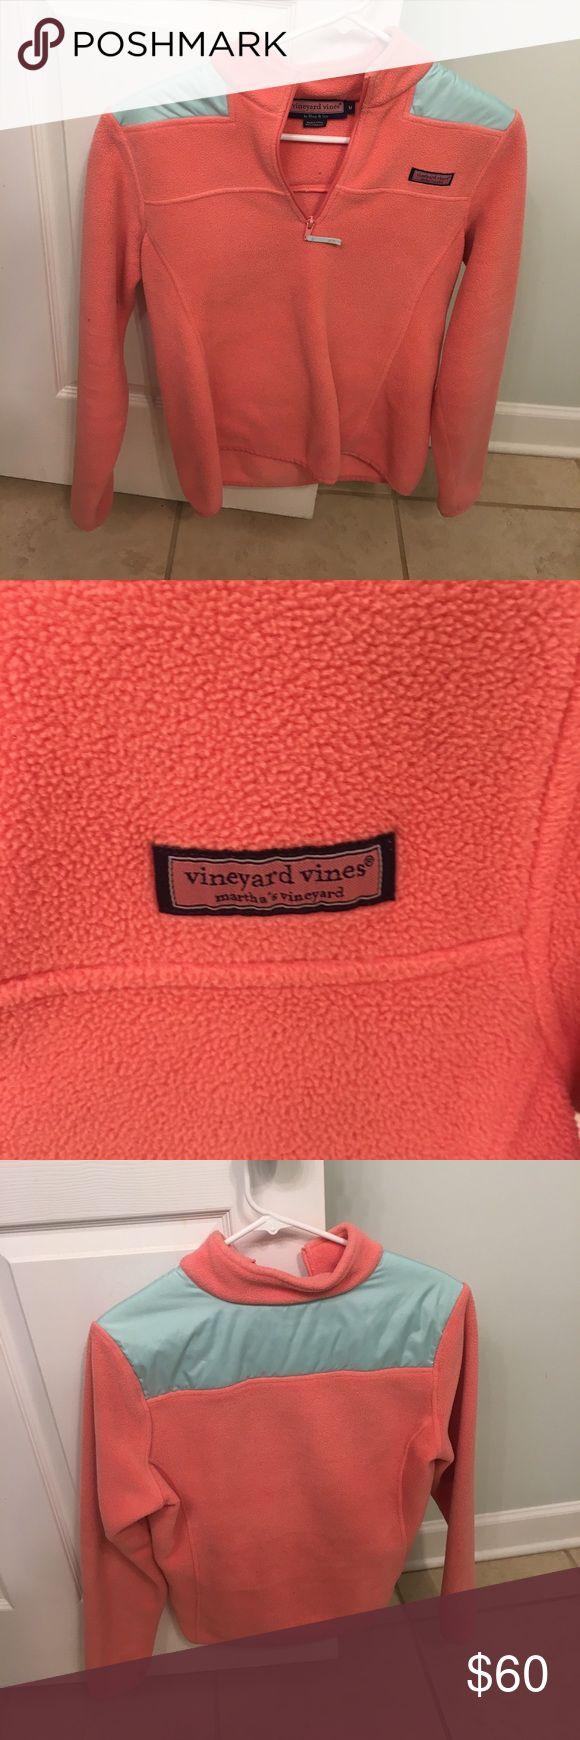 Vineyard vines pullover vineyard vines pink pullover. No pocket. Vineyard Vines Jackets & Coats